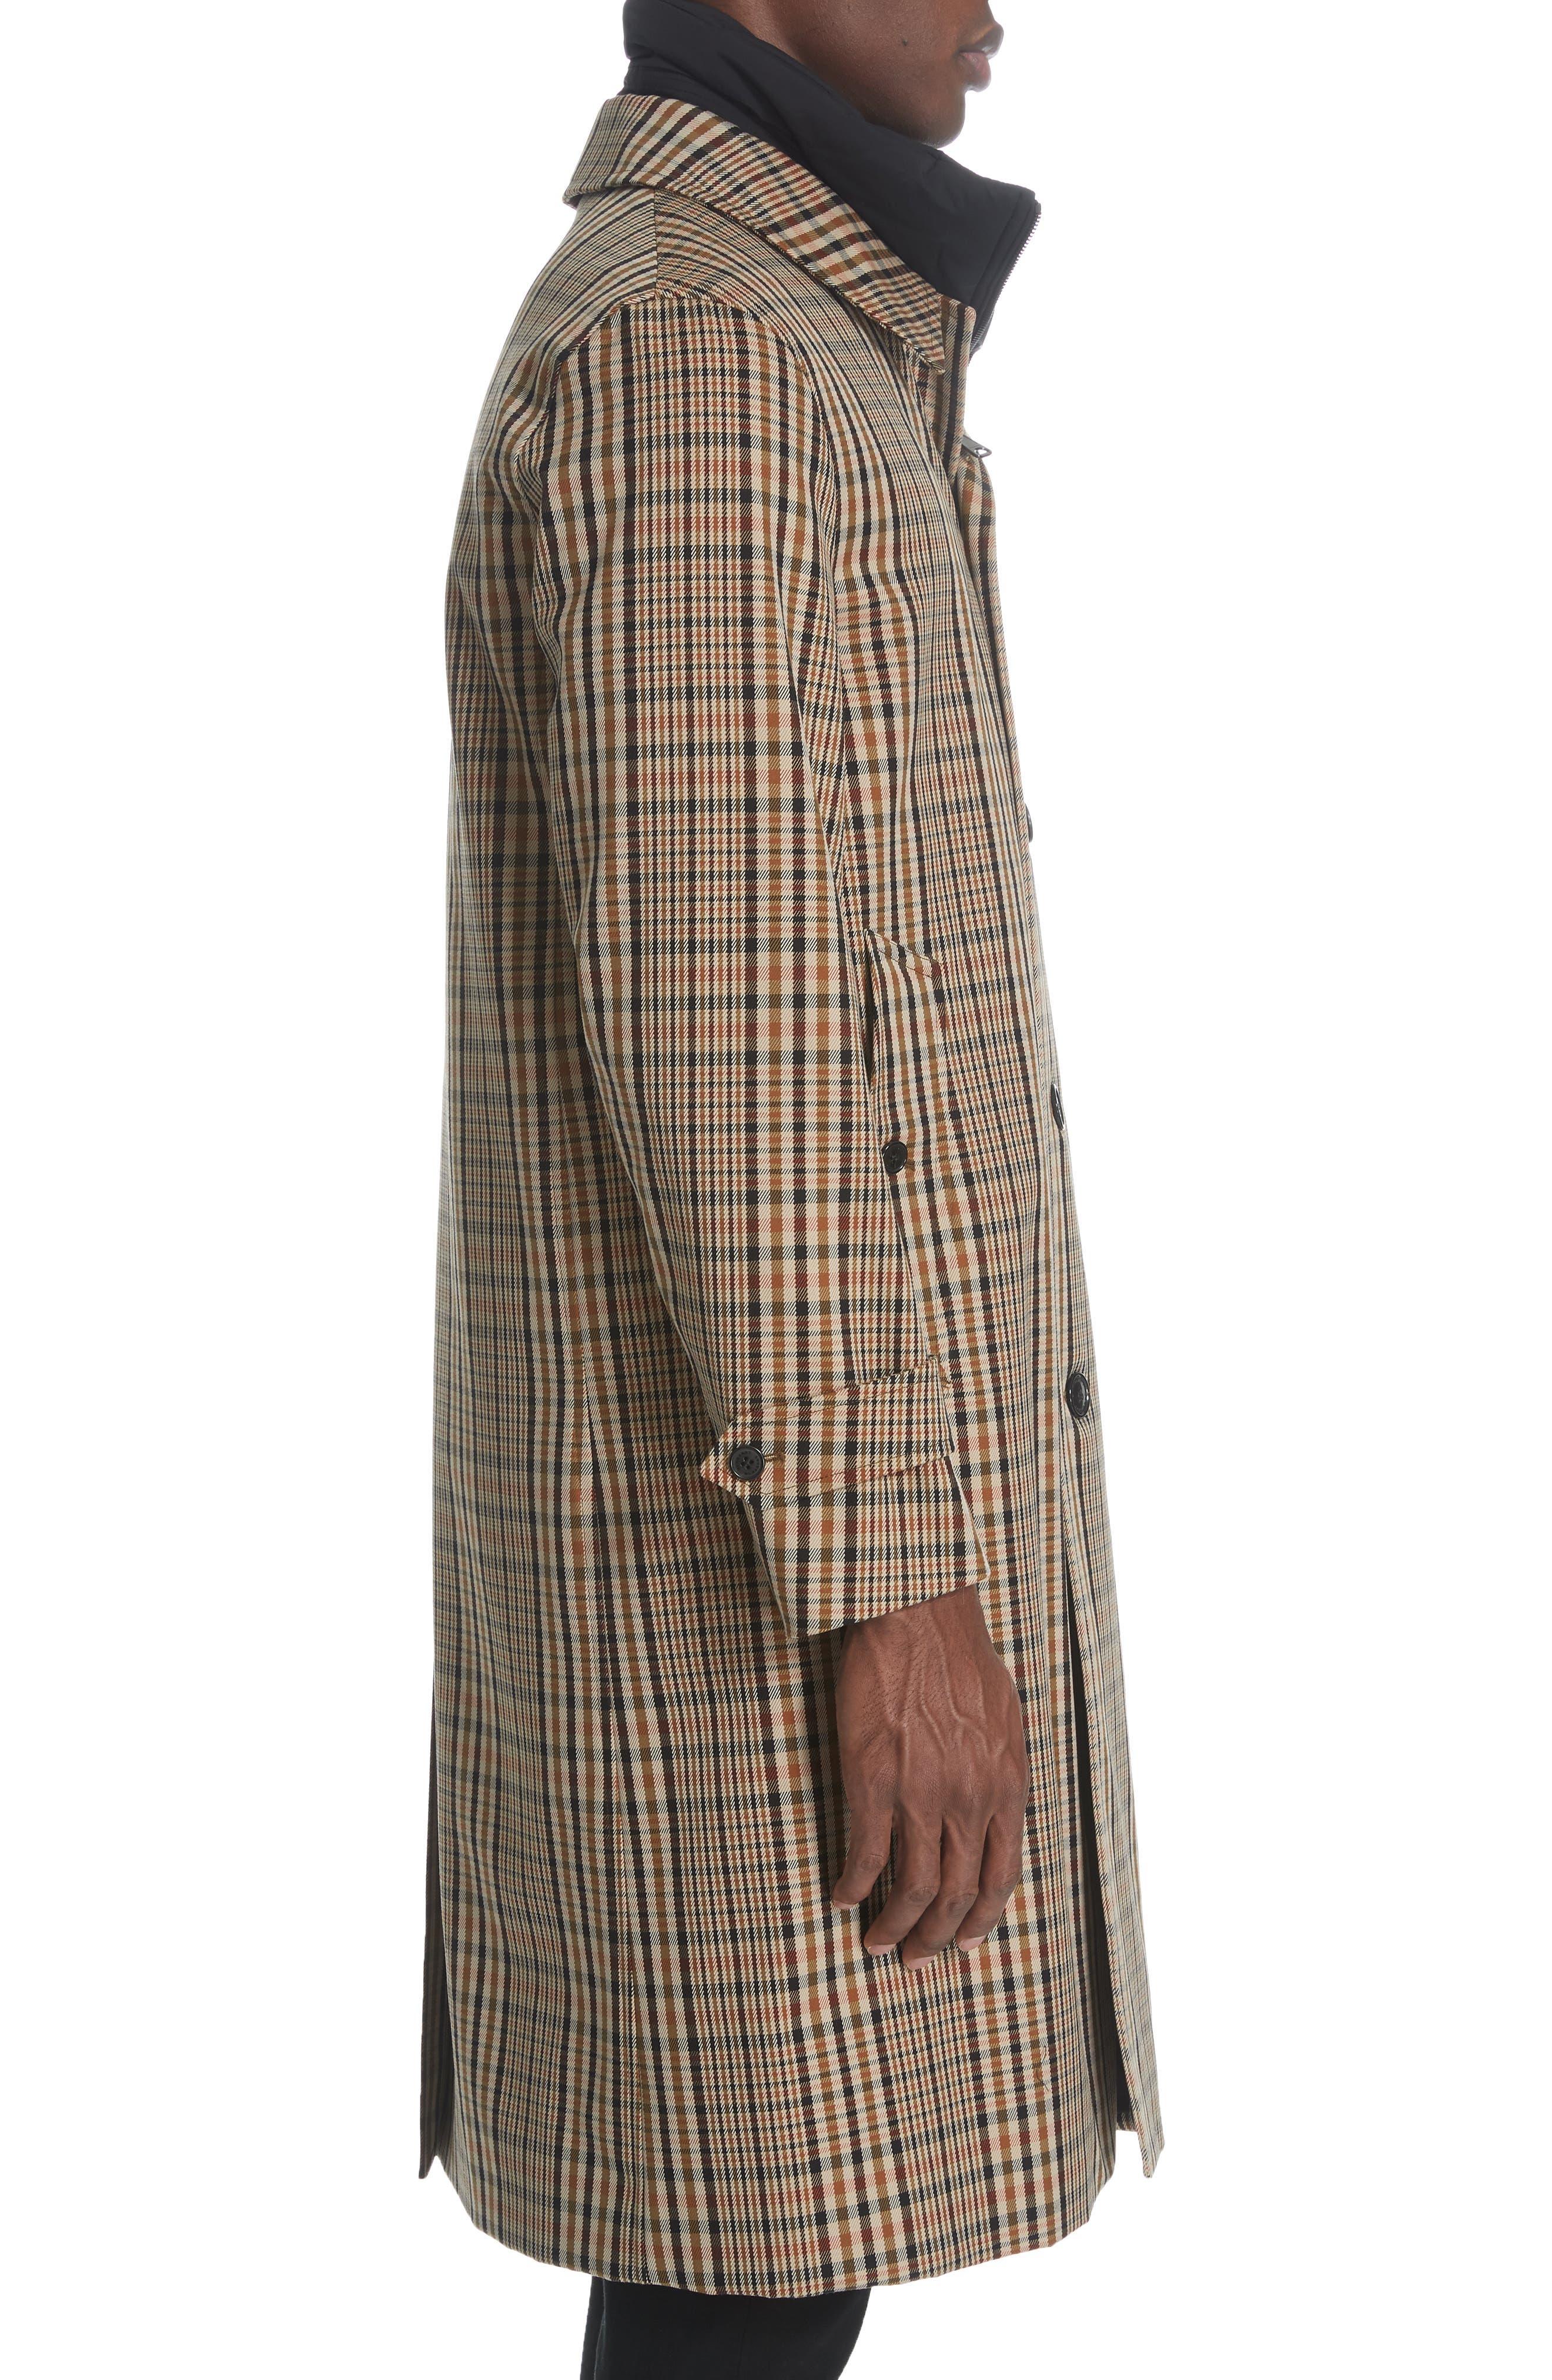 BURBERRY, Lenthorne Check Car Coat with Detachable Vest, Alternate thumbnail 4, color, DARK CAMEL